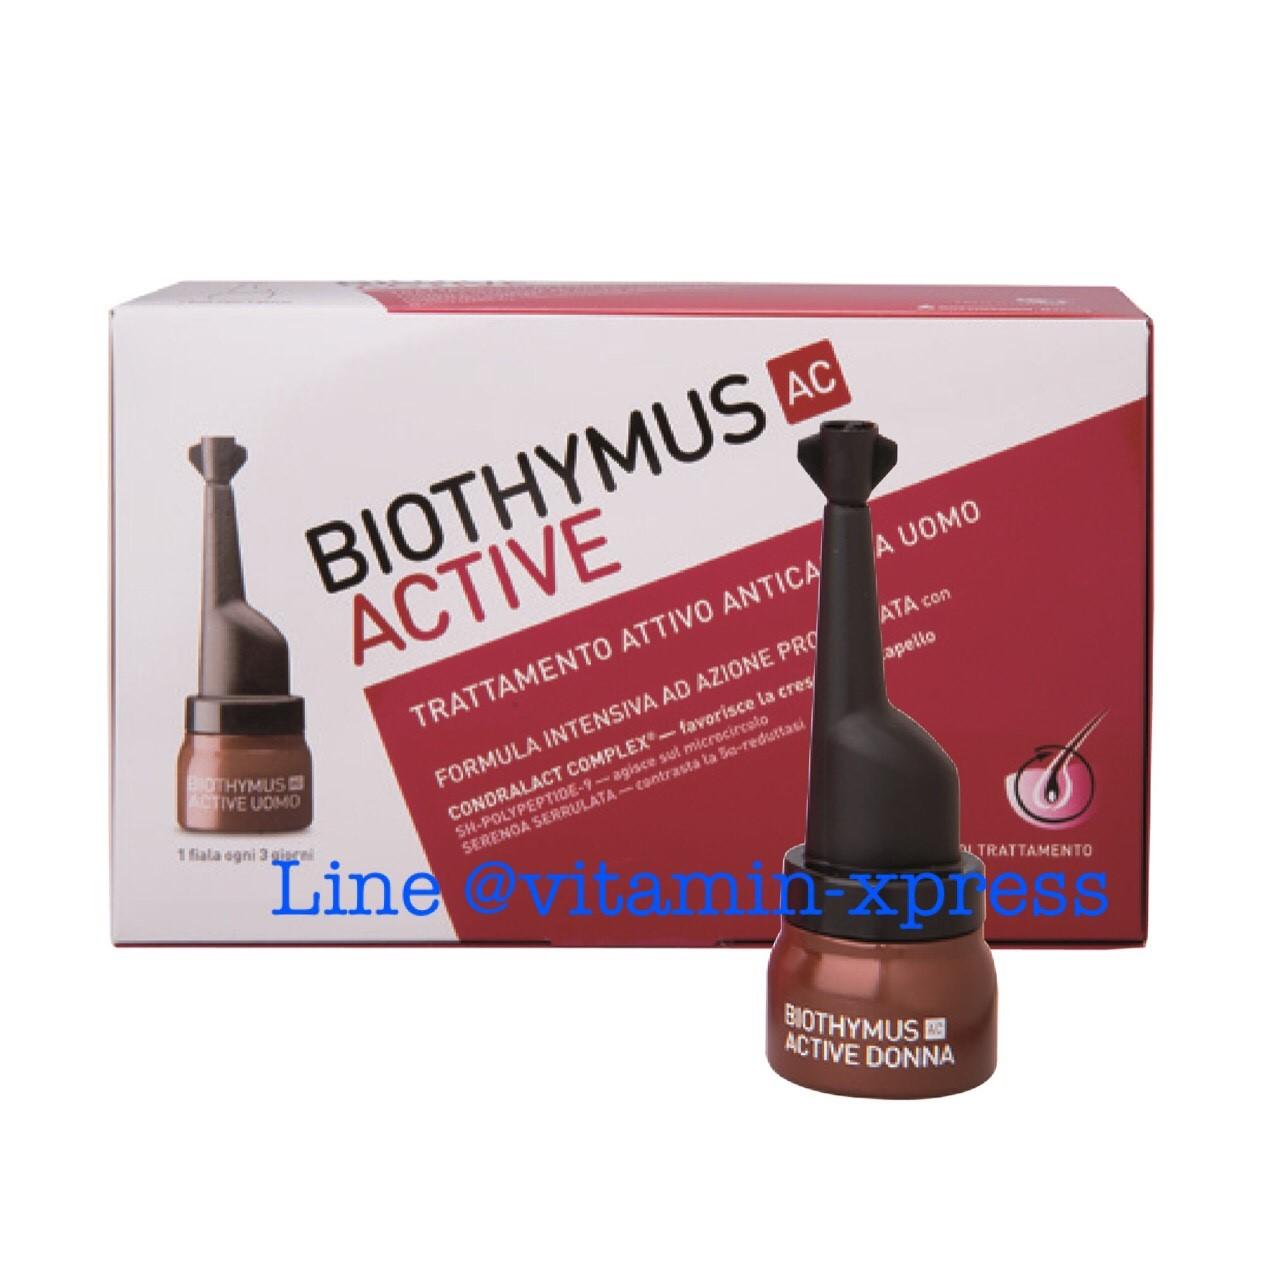 Biothymus active serum 5 * 3.5ml สำหรับผู้ชาย